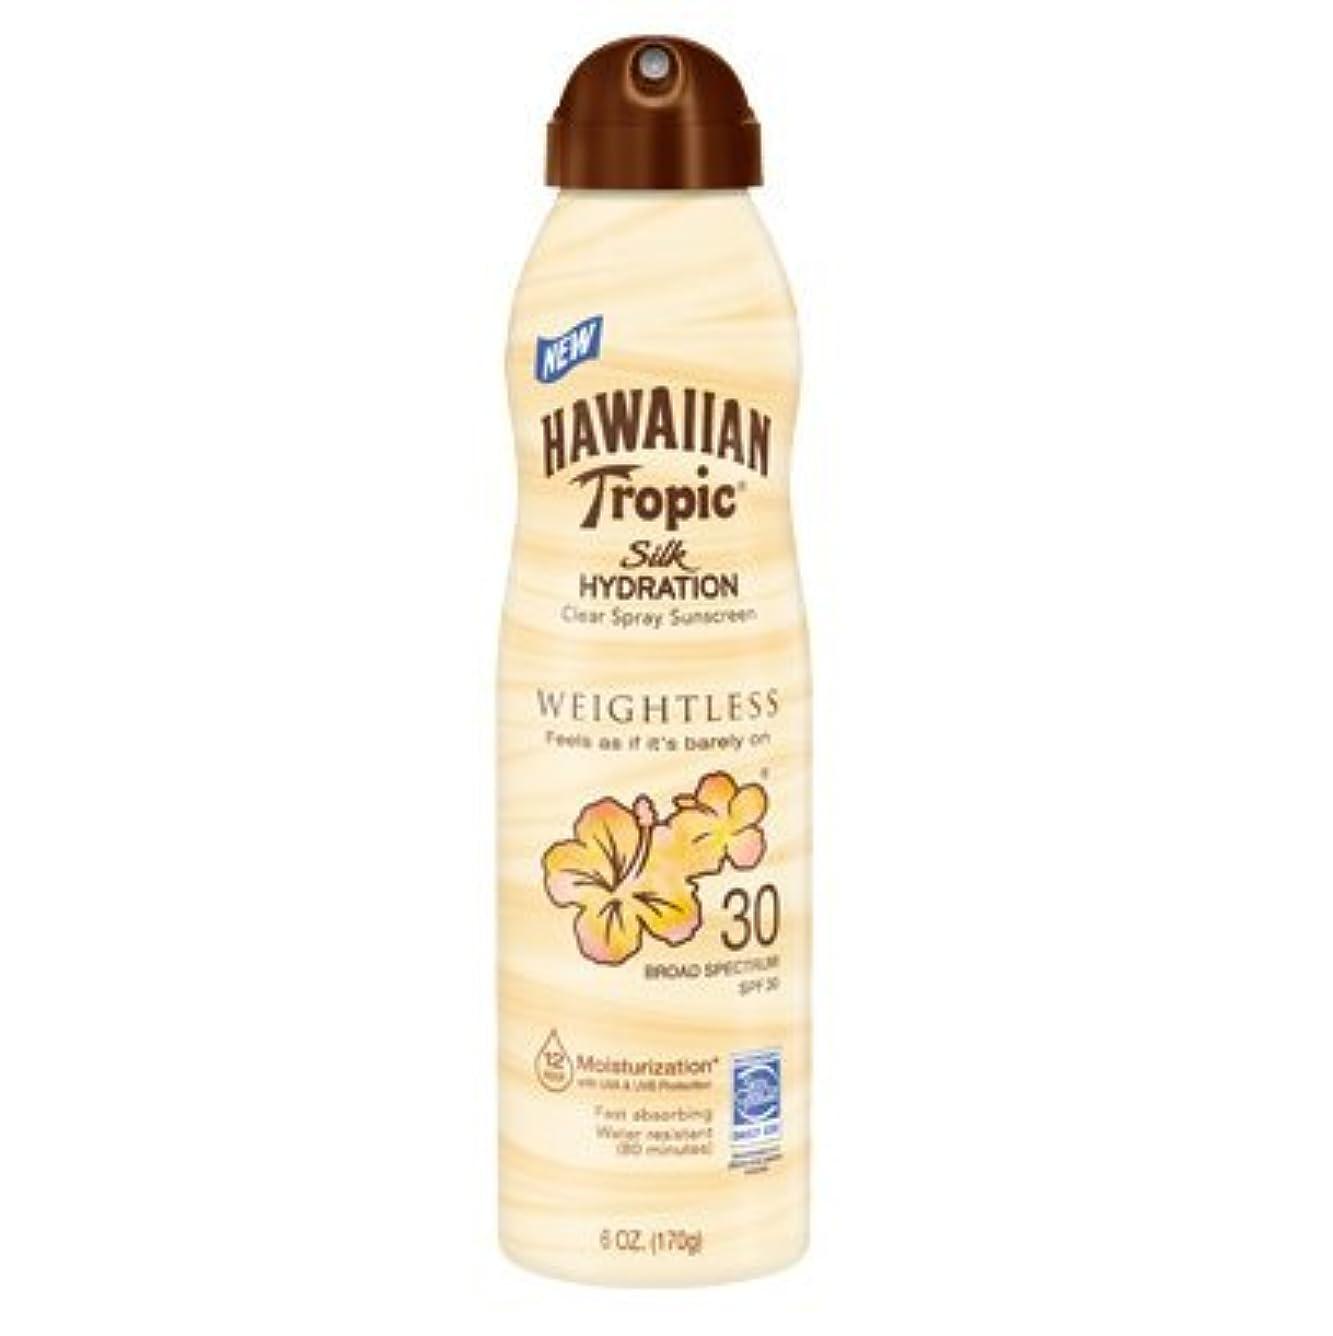 実装する多様体抽象化【海外直送】ハワイアントロピック 12時間持続 日焼け止めミスト SPF30 (177ml) Hawaiian Tropic Silk Hydration Clear Mist Spray Sunscreen SPF 30...